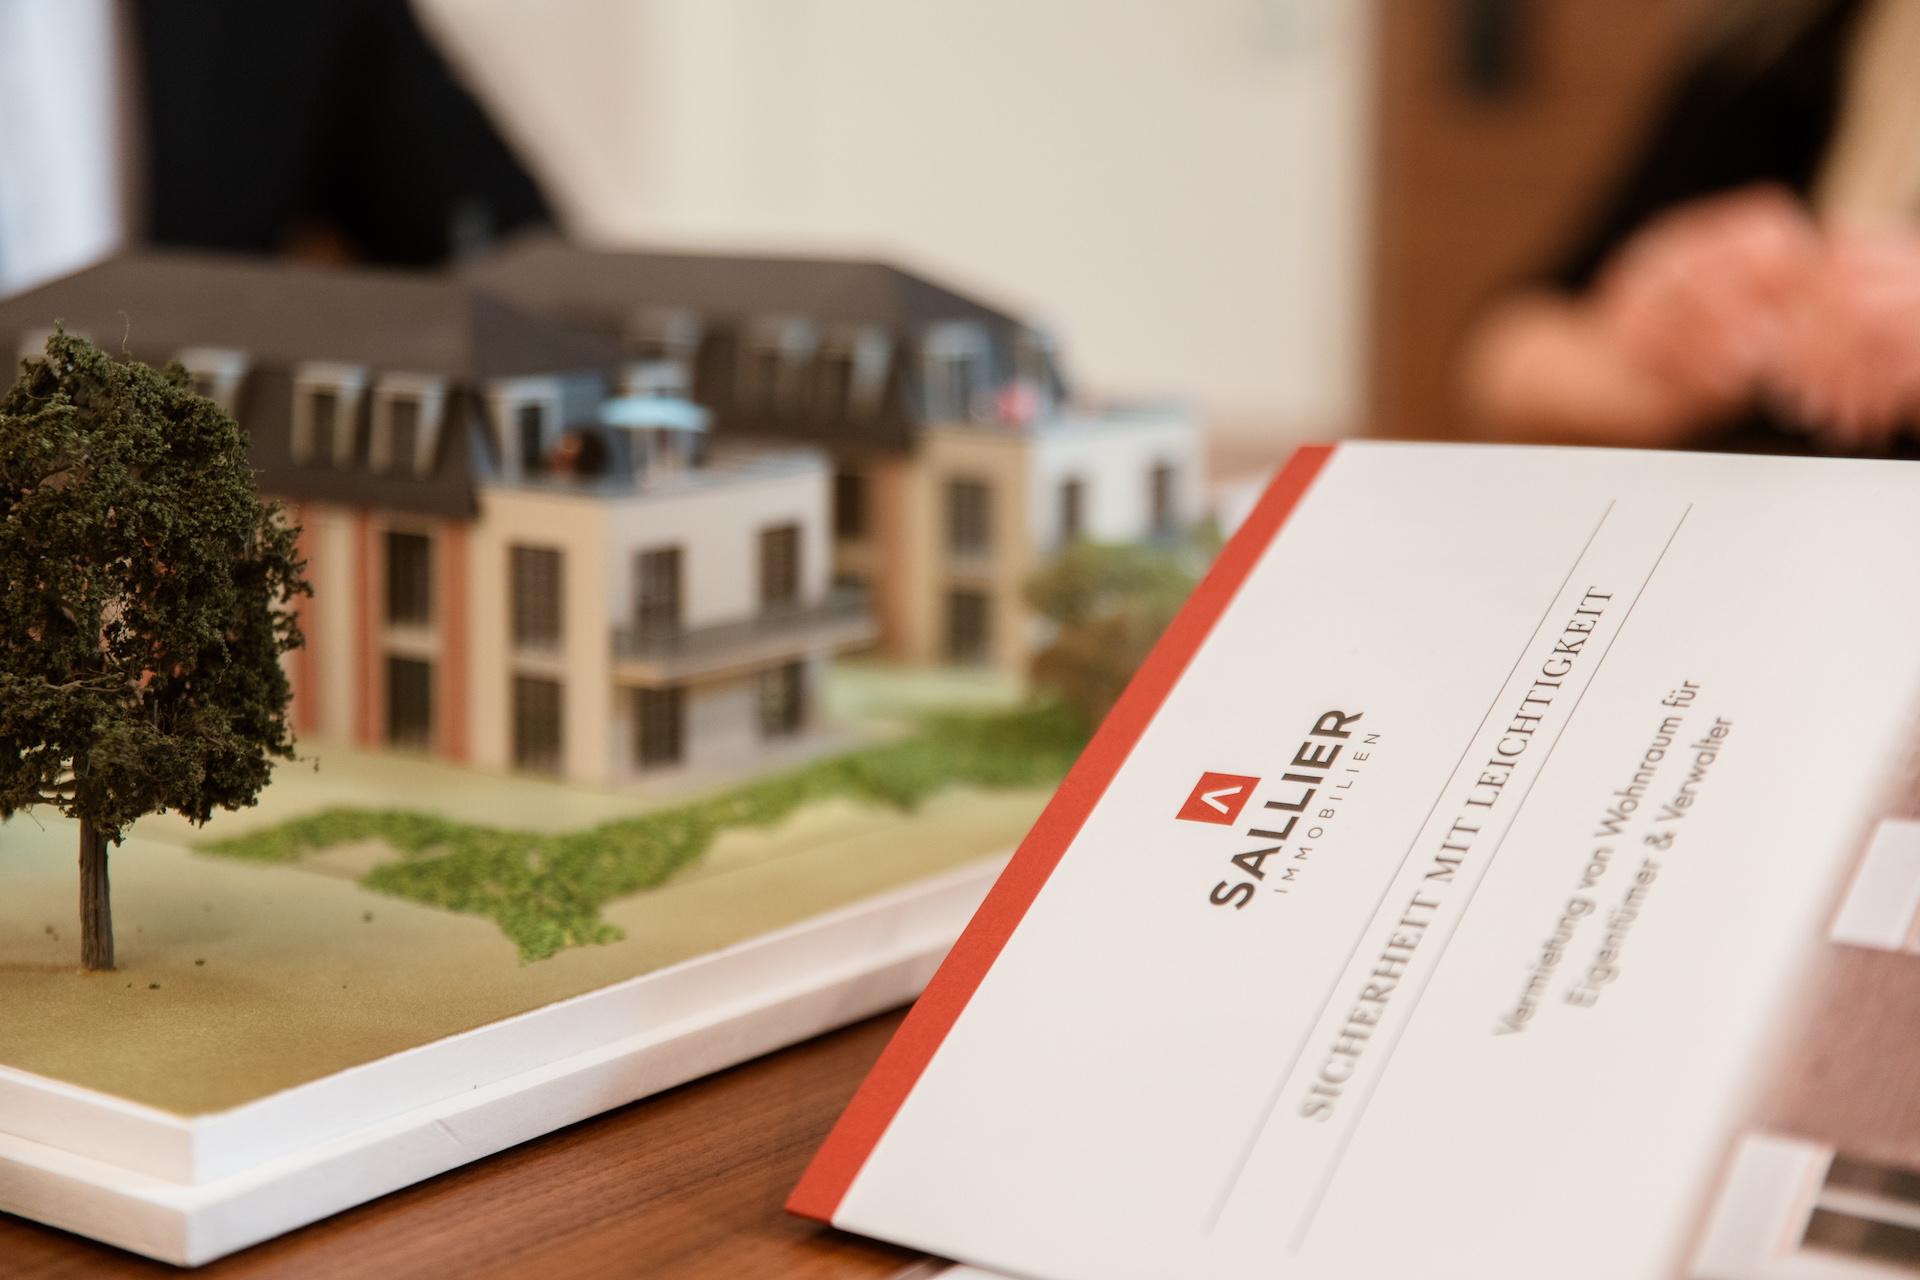 ➤ Sallier Immobilien 21335 Lüneburg-Altstadt Öffnungszeiten ...